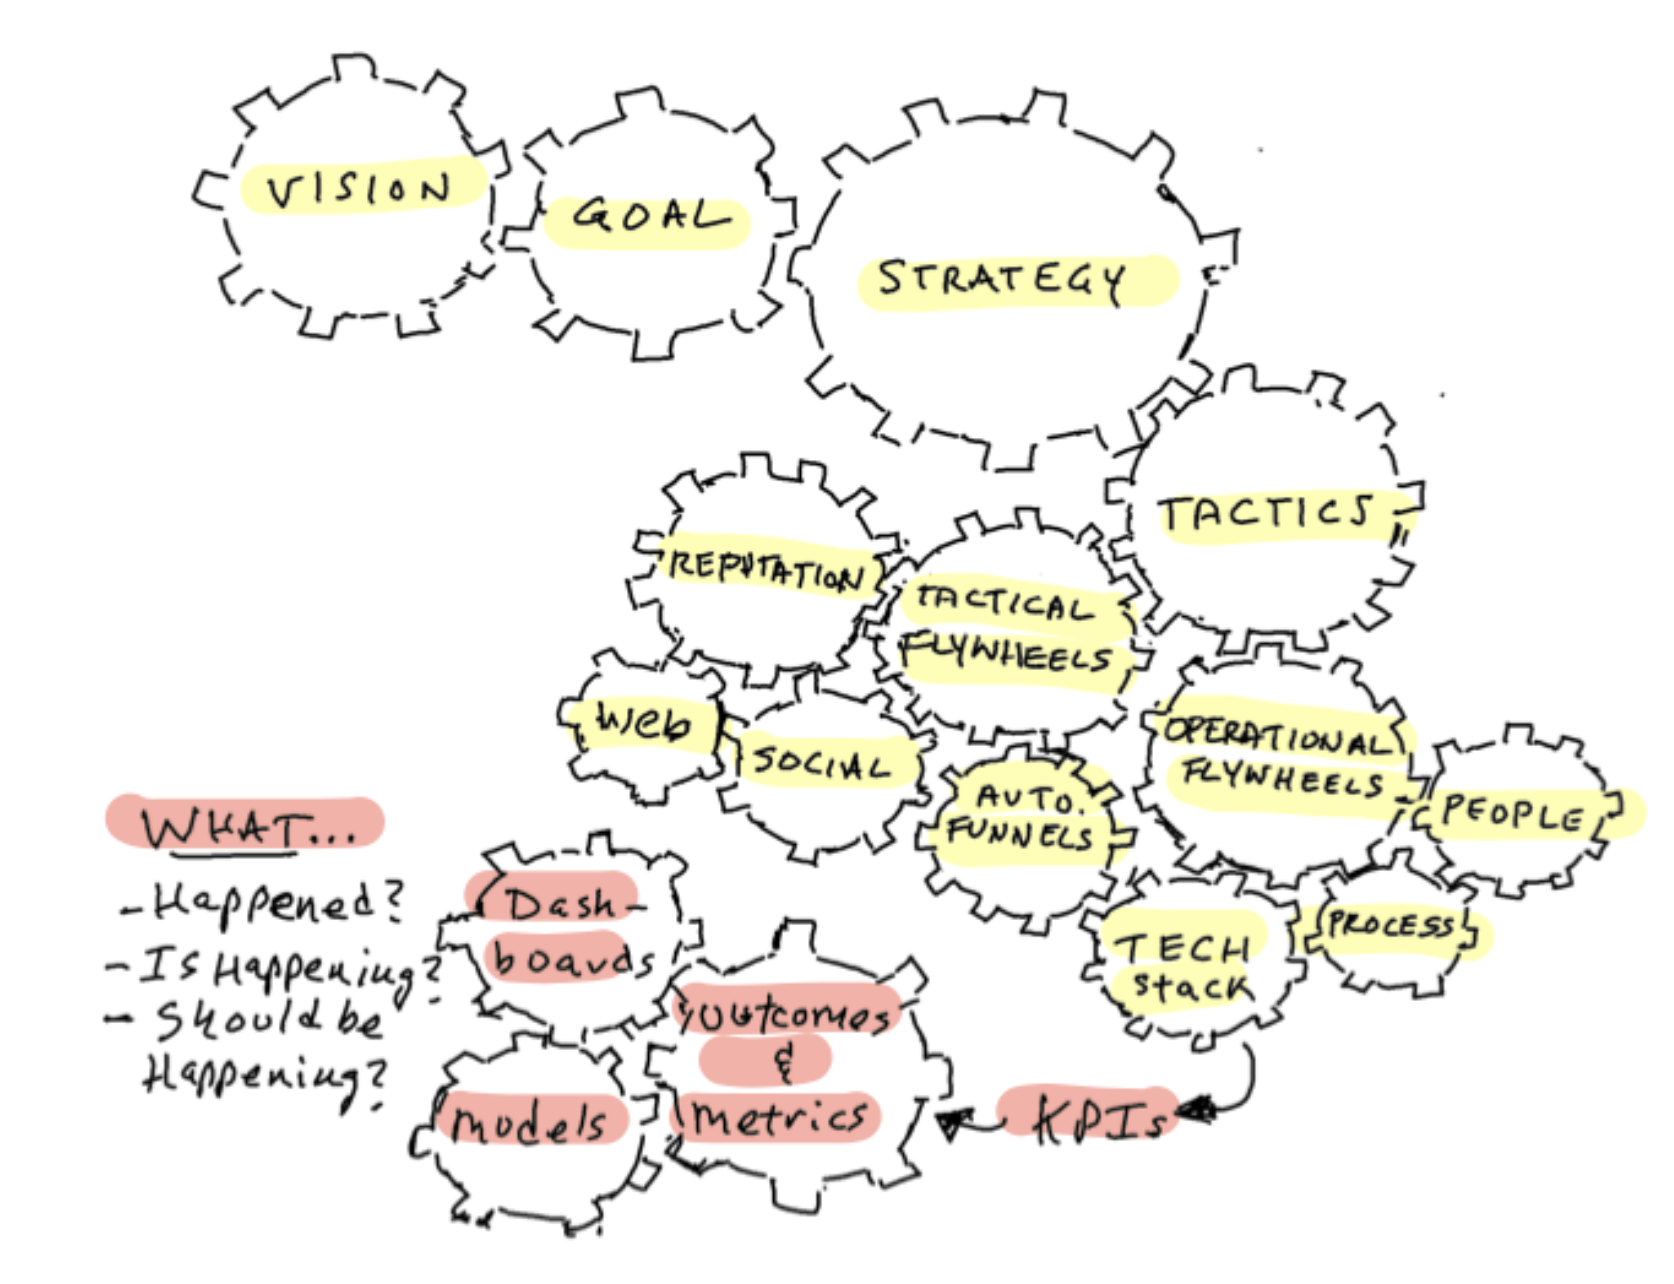 outcomes and metrics